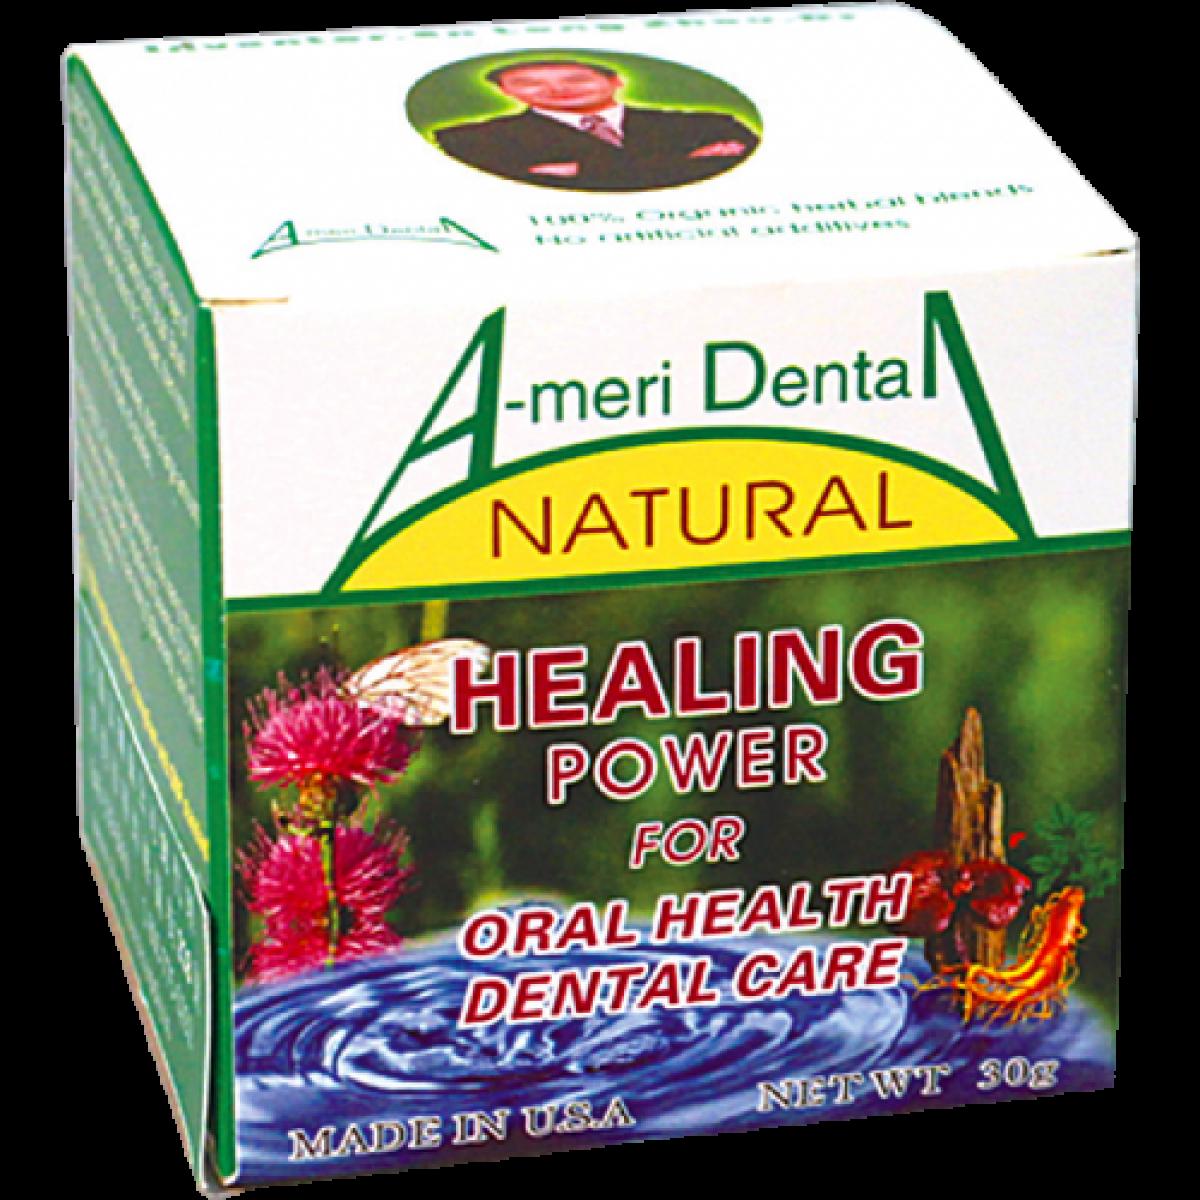 牙龈萎缩,牙齿松动,牙龈肿痛,蛀牙,口臭,除口臭,消除口臭,牙泰宝/牙周疾病,牙齿痛,牙龈痛,牙龈流血,牙周炎